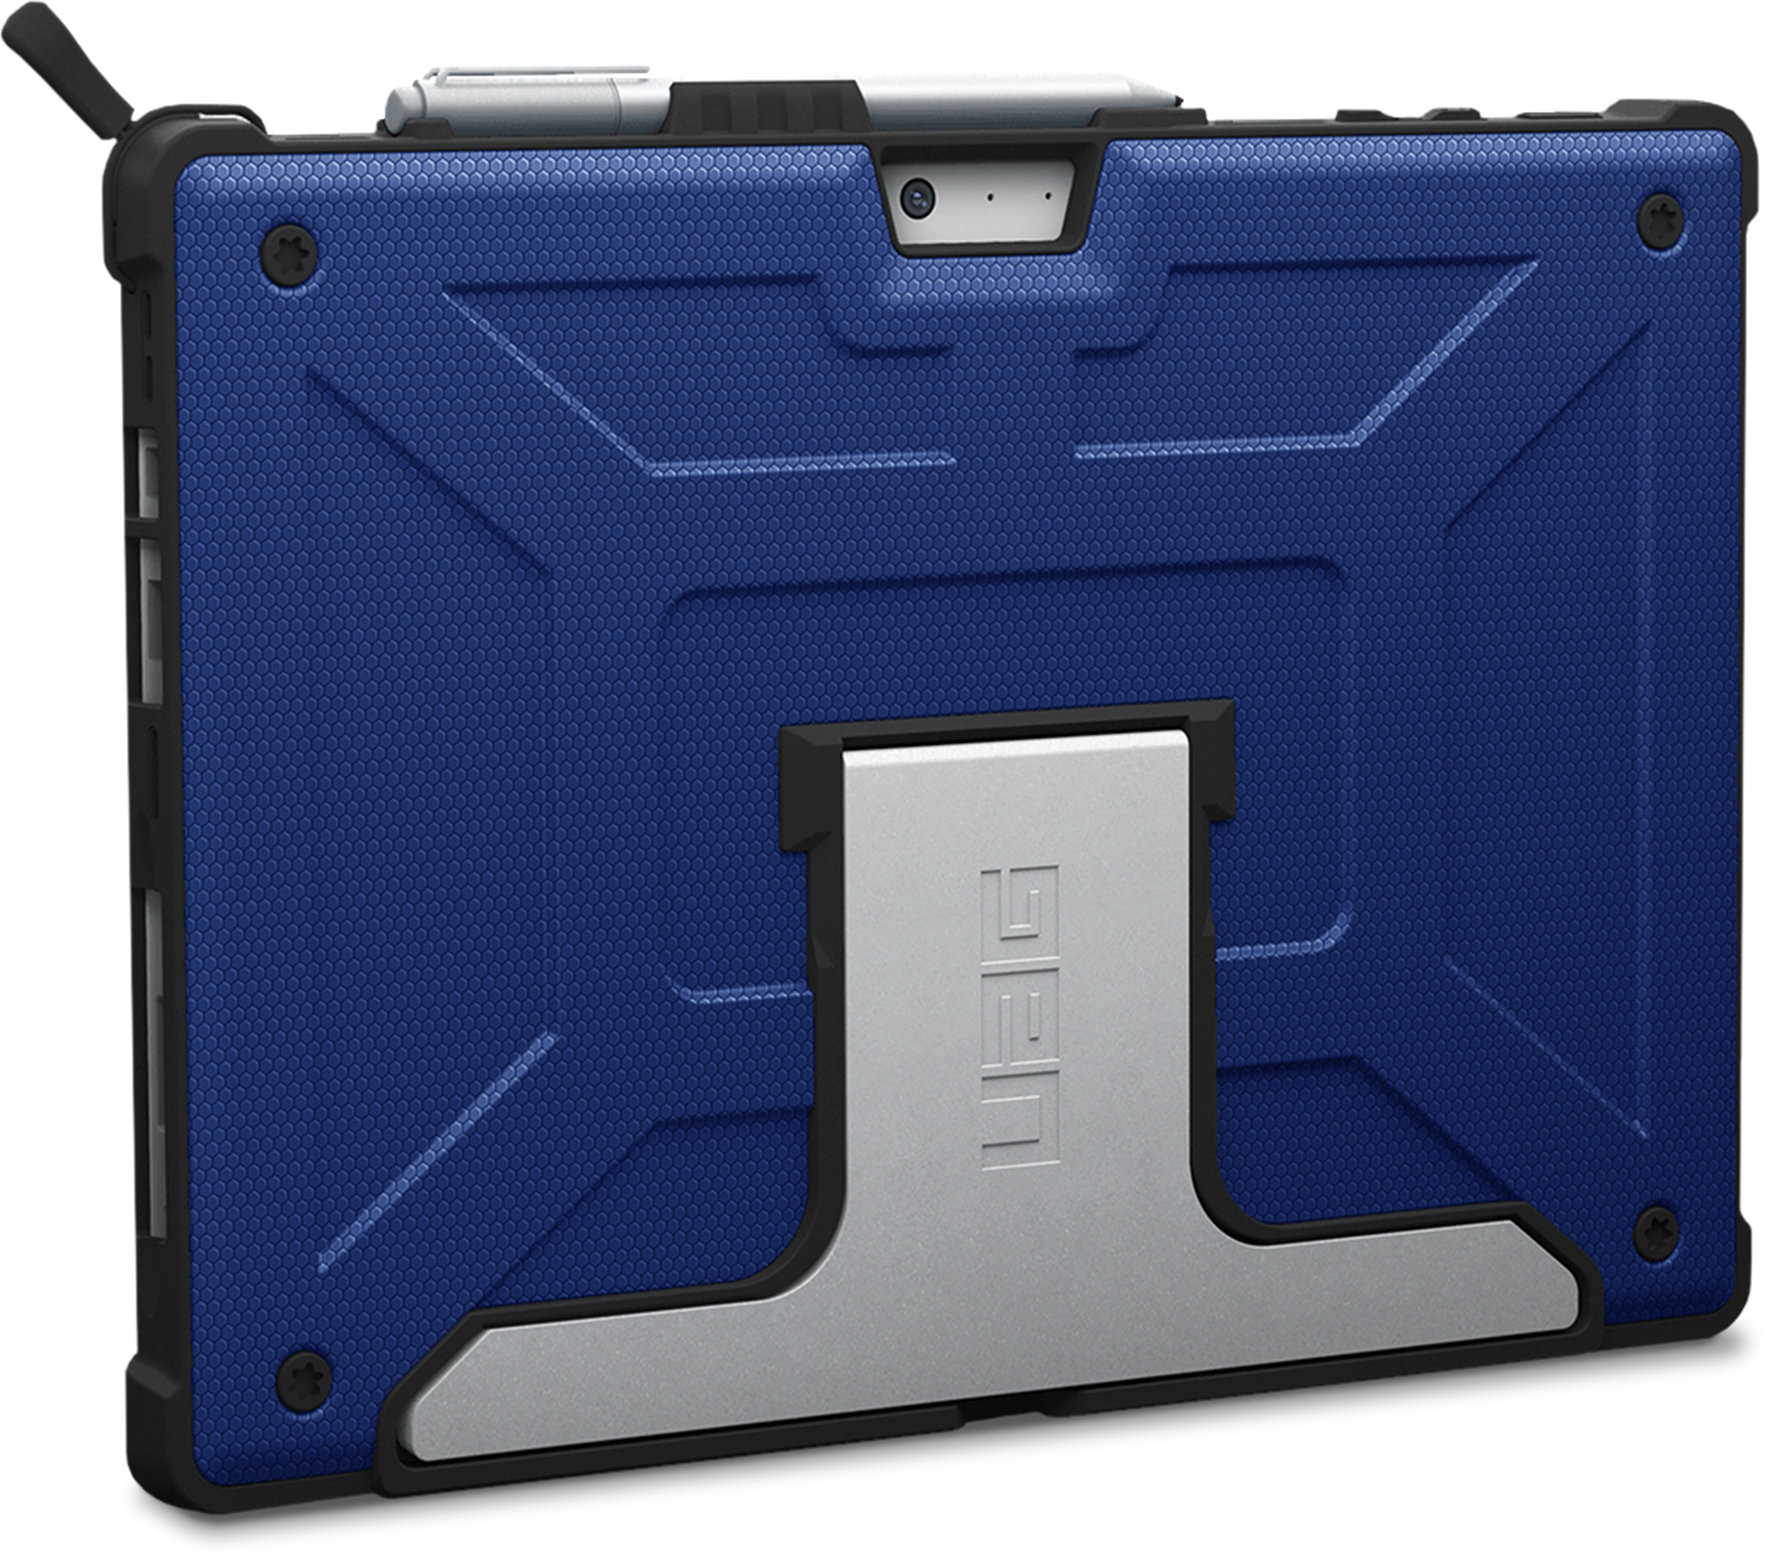 15b607167cd Acheter Étui UAG pour Surface Pro - Microsoft Store fr-FR